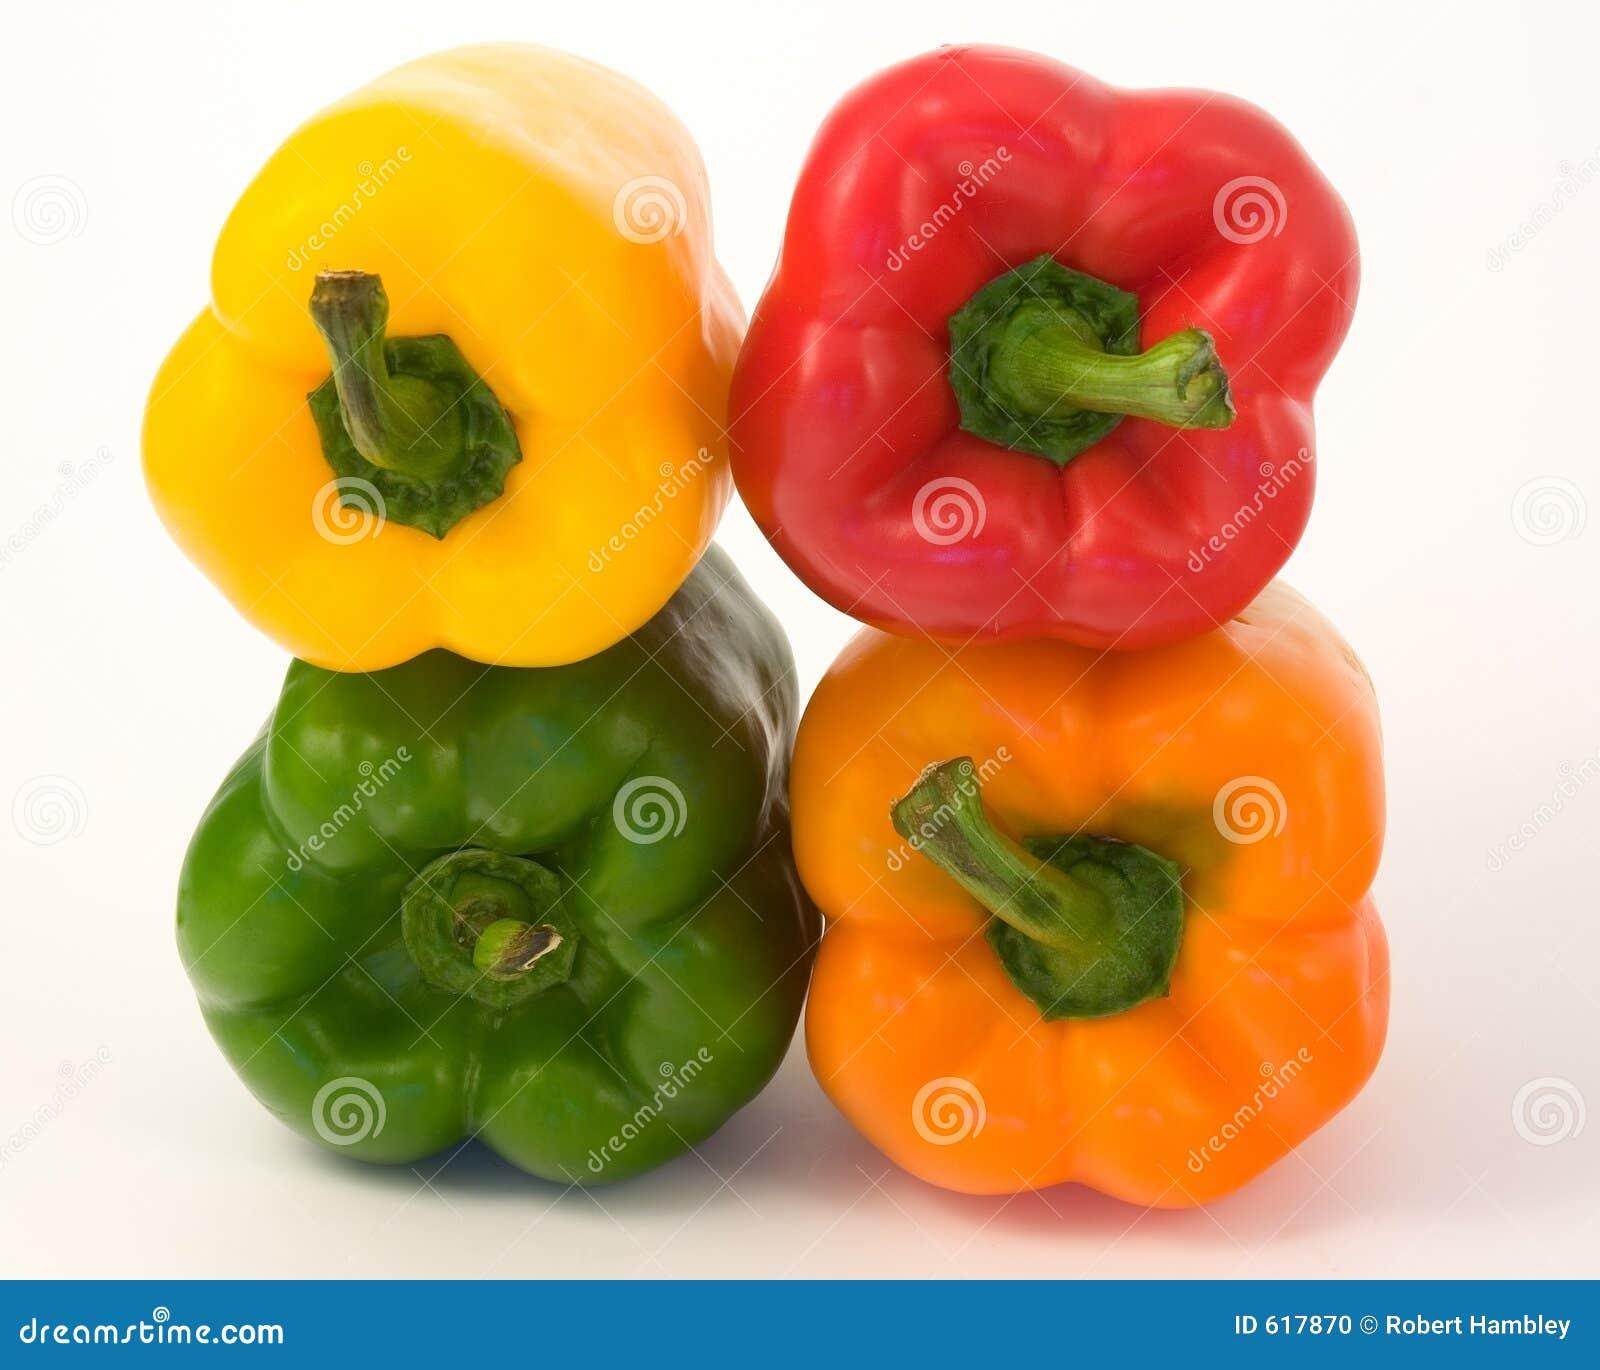 Peper, Groen Rood, Geel, Oranje,